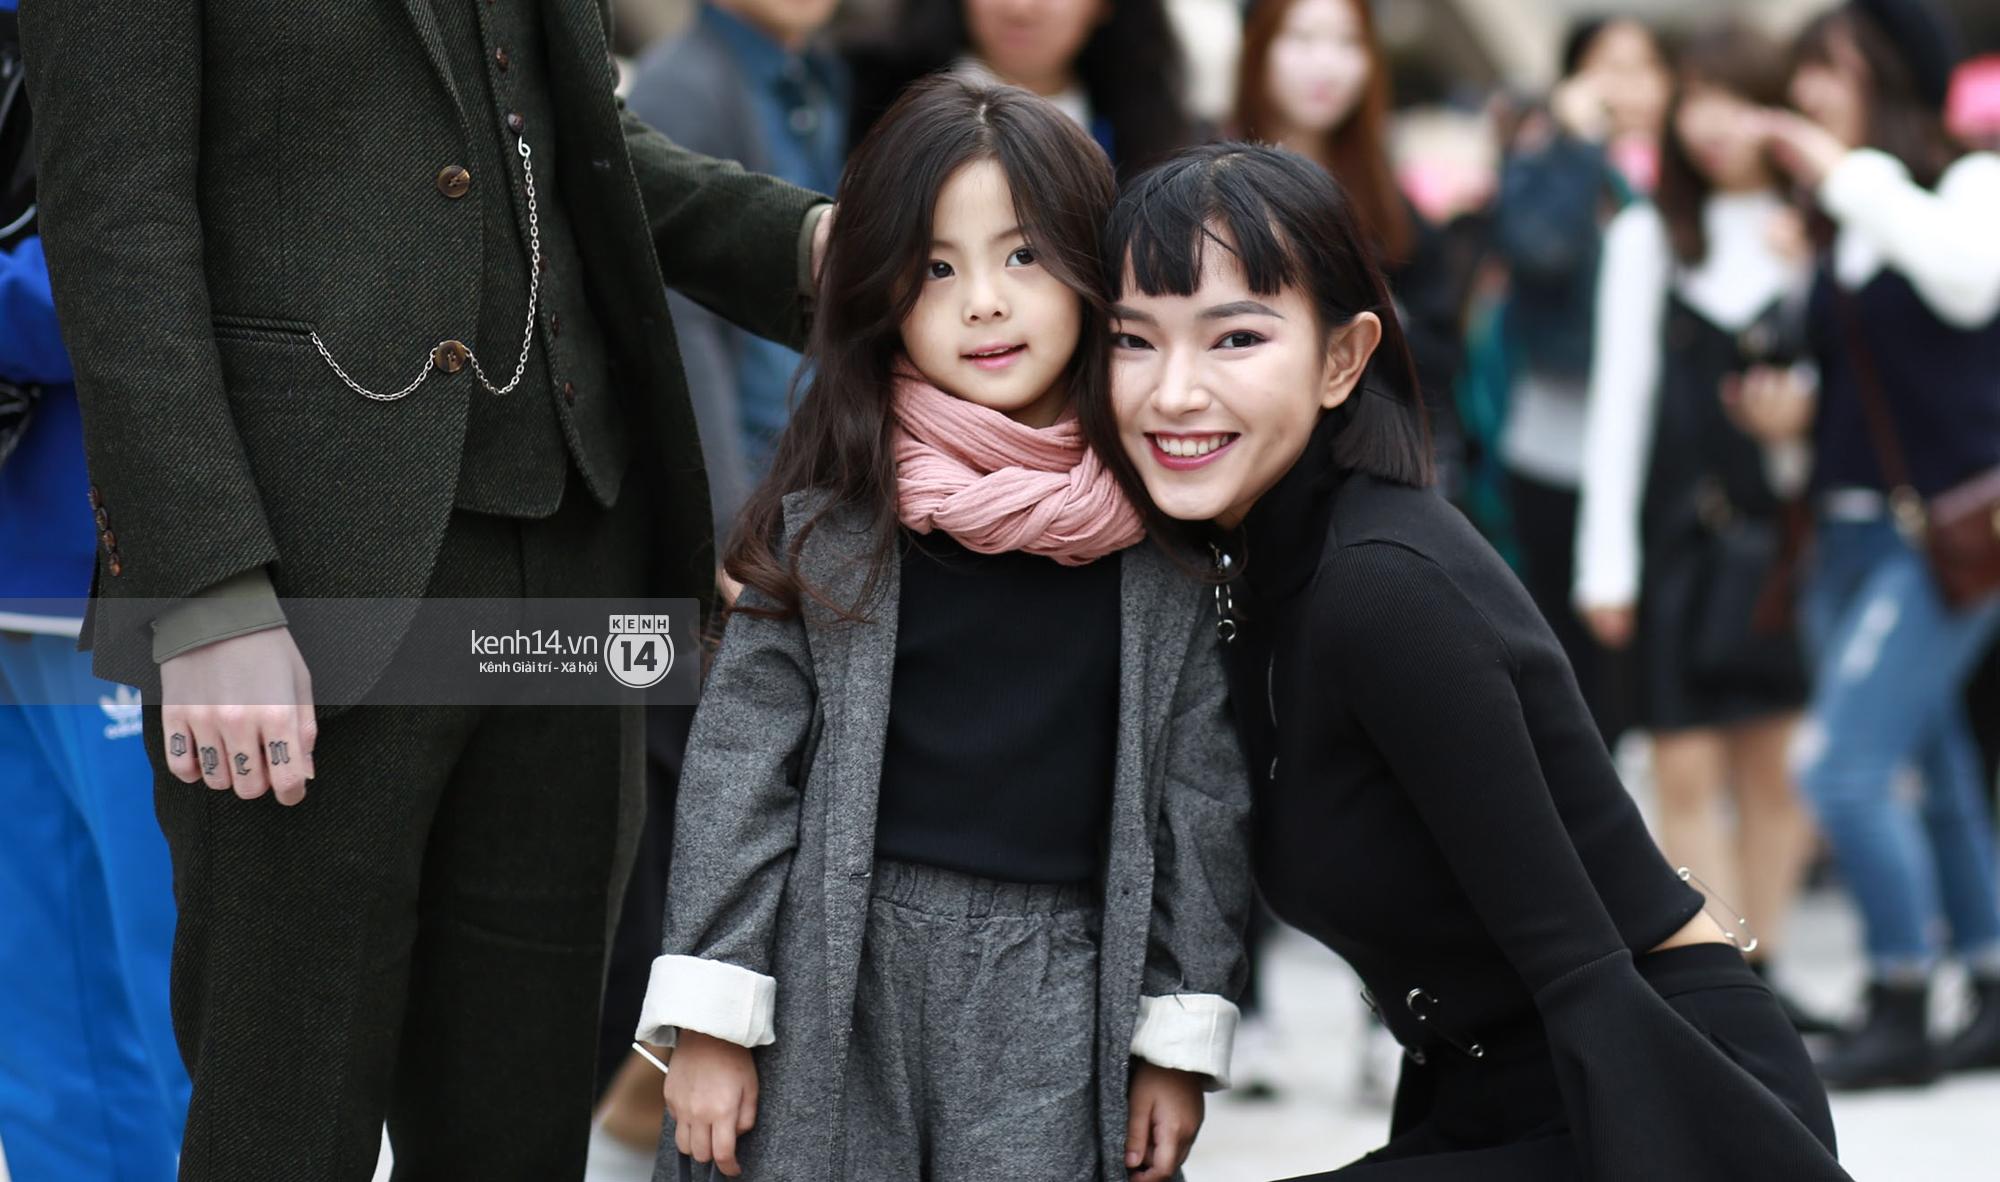 Ngày 5 Seoul Fashion Week: Fashionista Việt mặc gì để gây ấn tượng? - Ảnh 10.